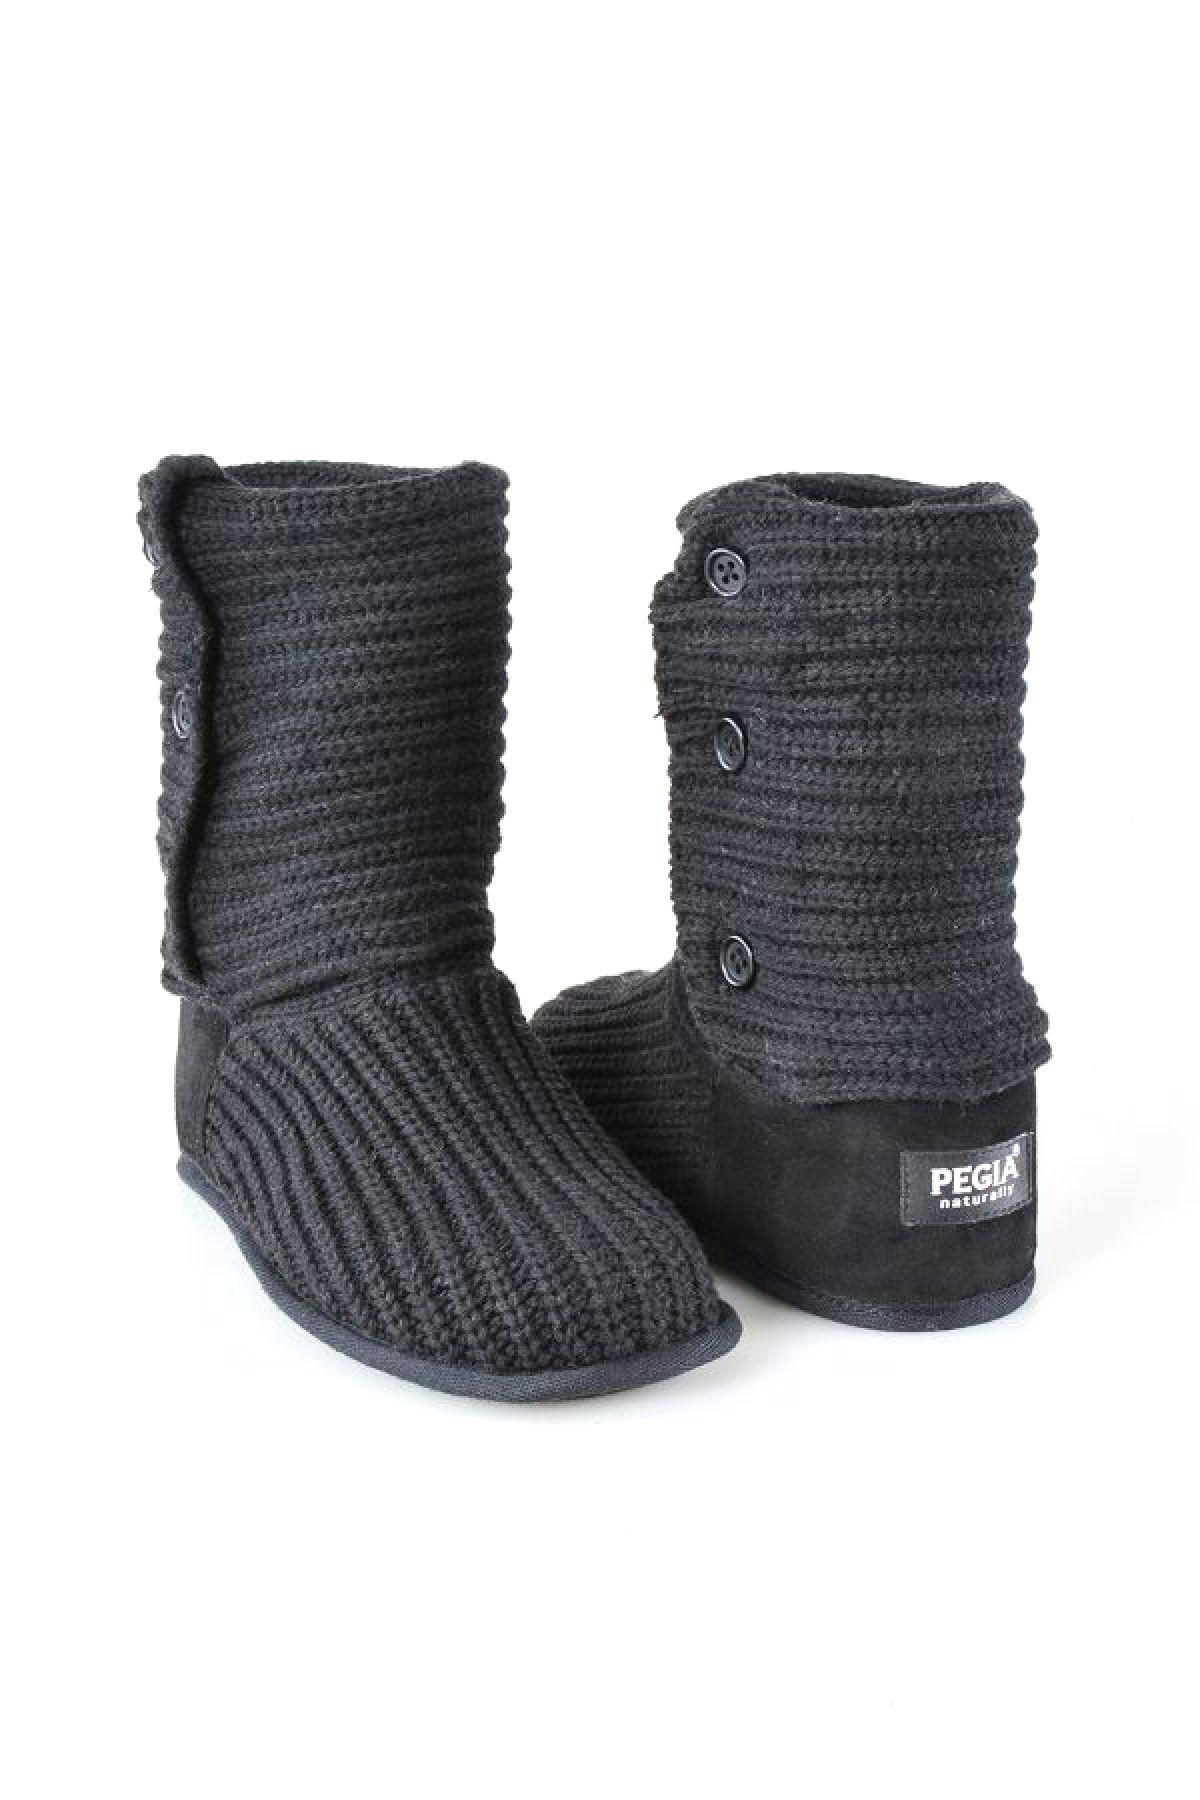 Pegia Hakiki Süet Örgülü Bayan Ev Ayakkabısı 191098 Black